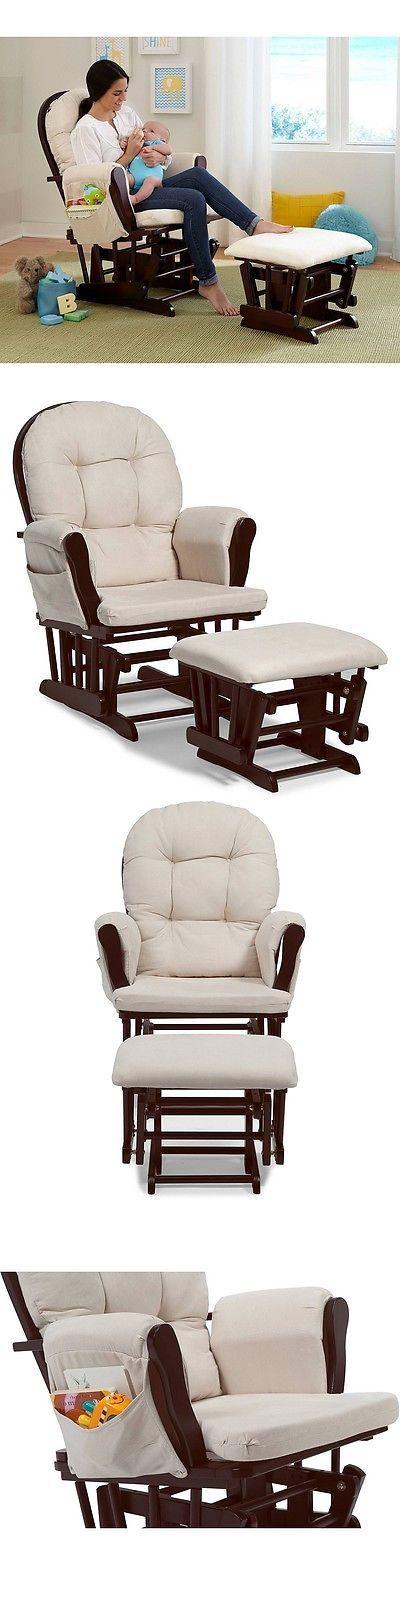 Baby Nursery: Glider Rocker Ottoman Set Chair Baby Furniture Rocking ...